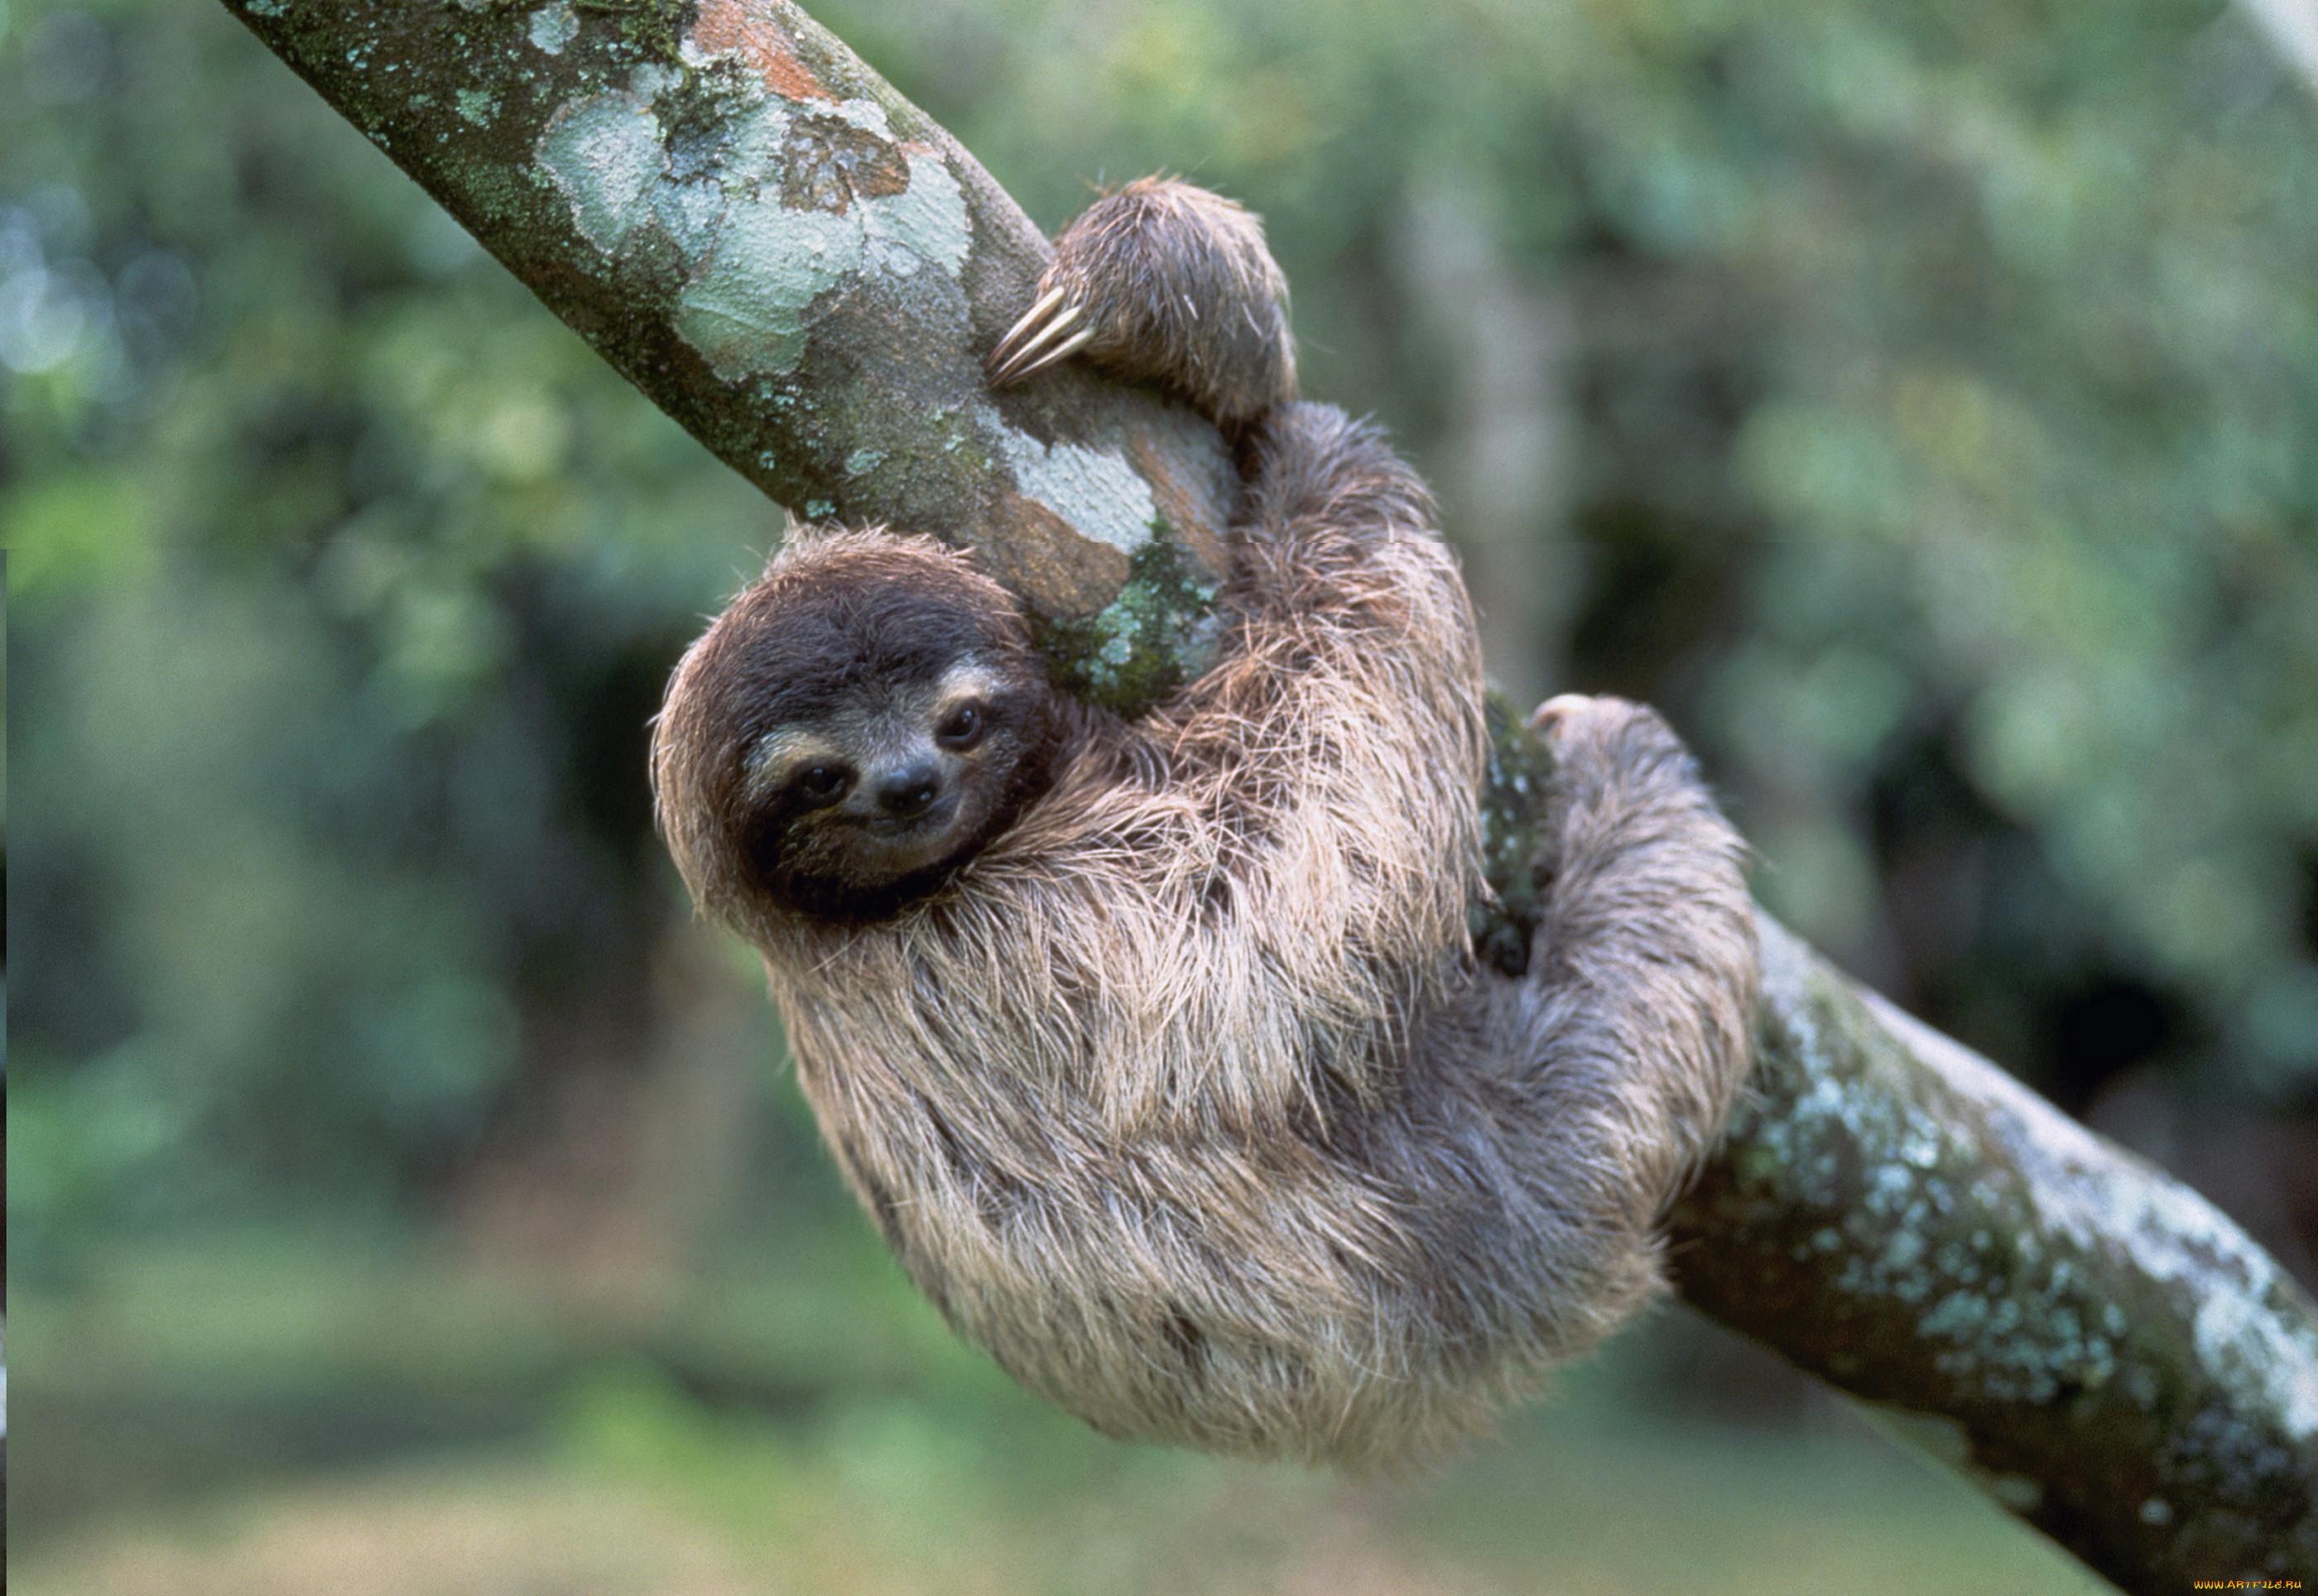 только поймете, картинка ленивица животное ваше